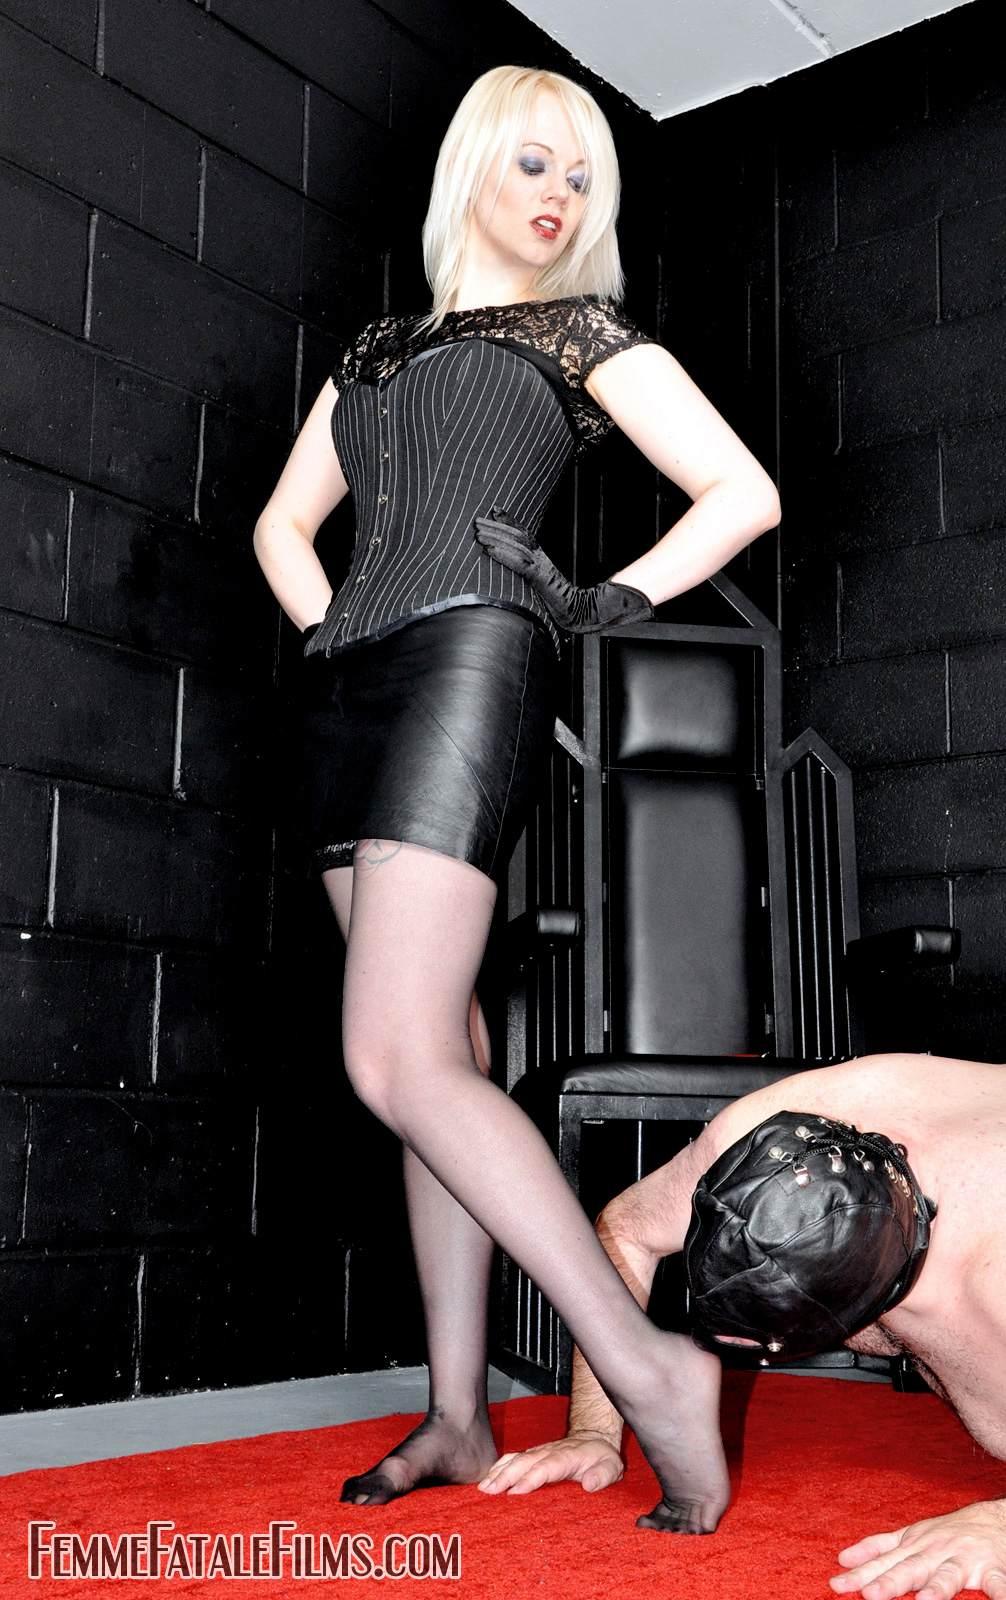 Рабы целуют ноги у госпожи 24 фотография